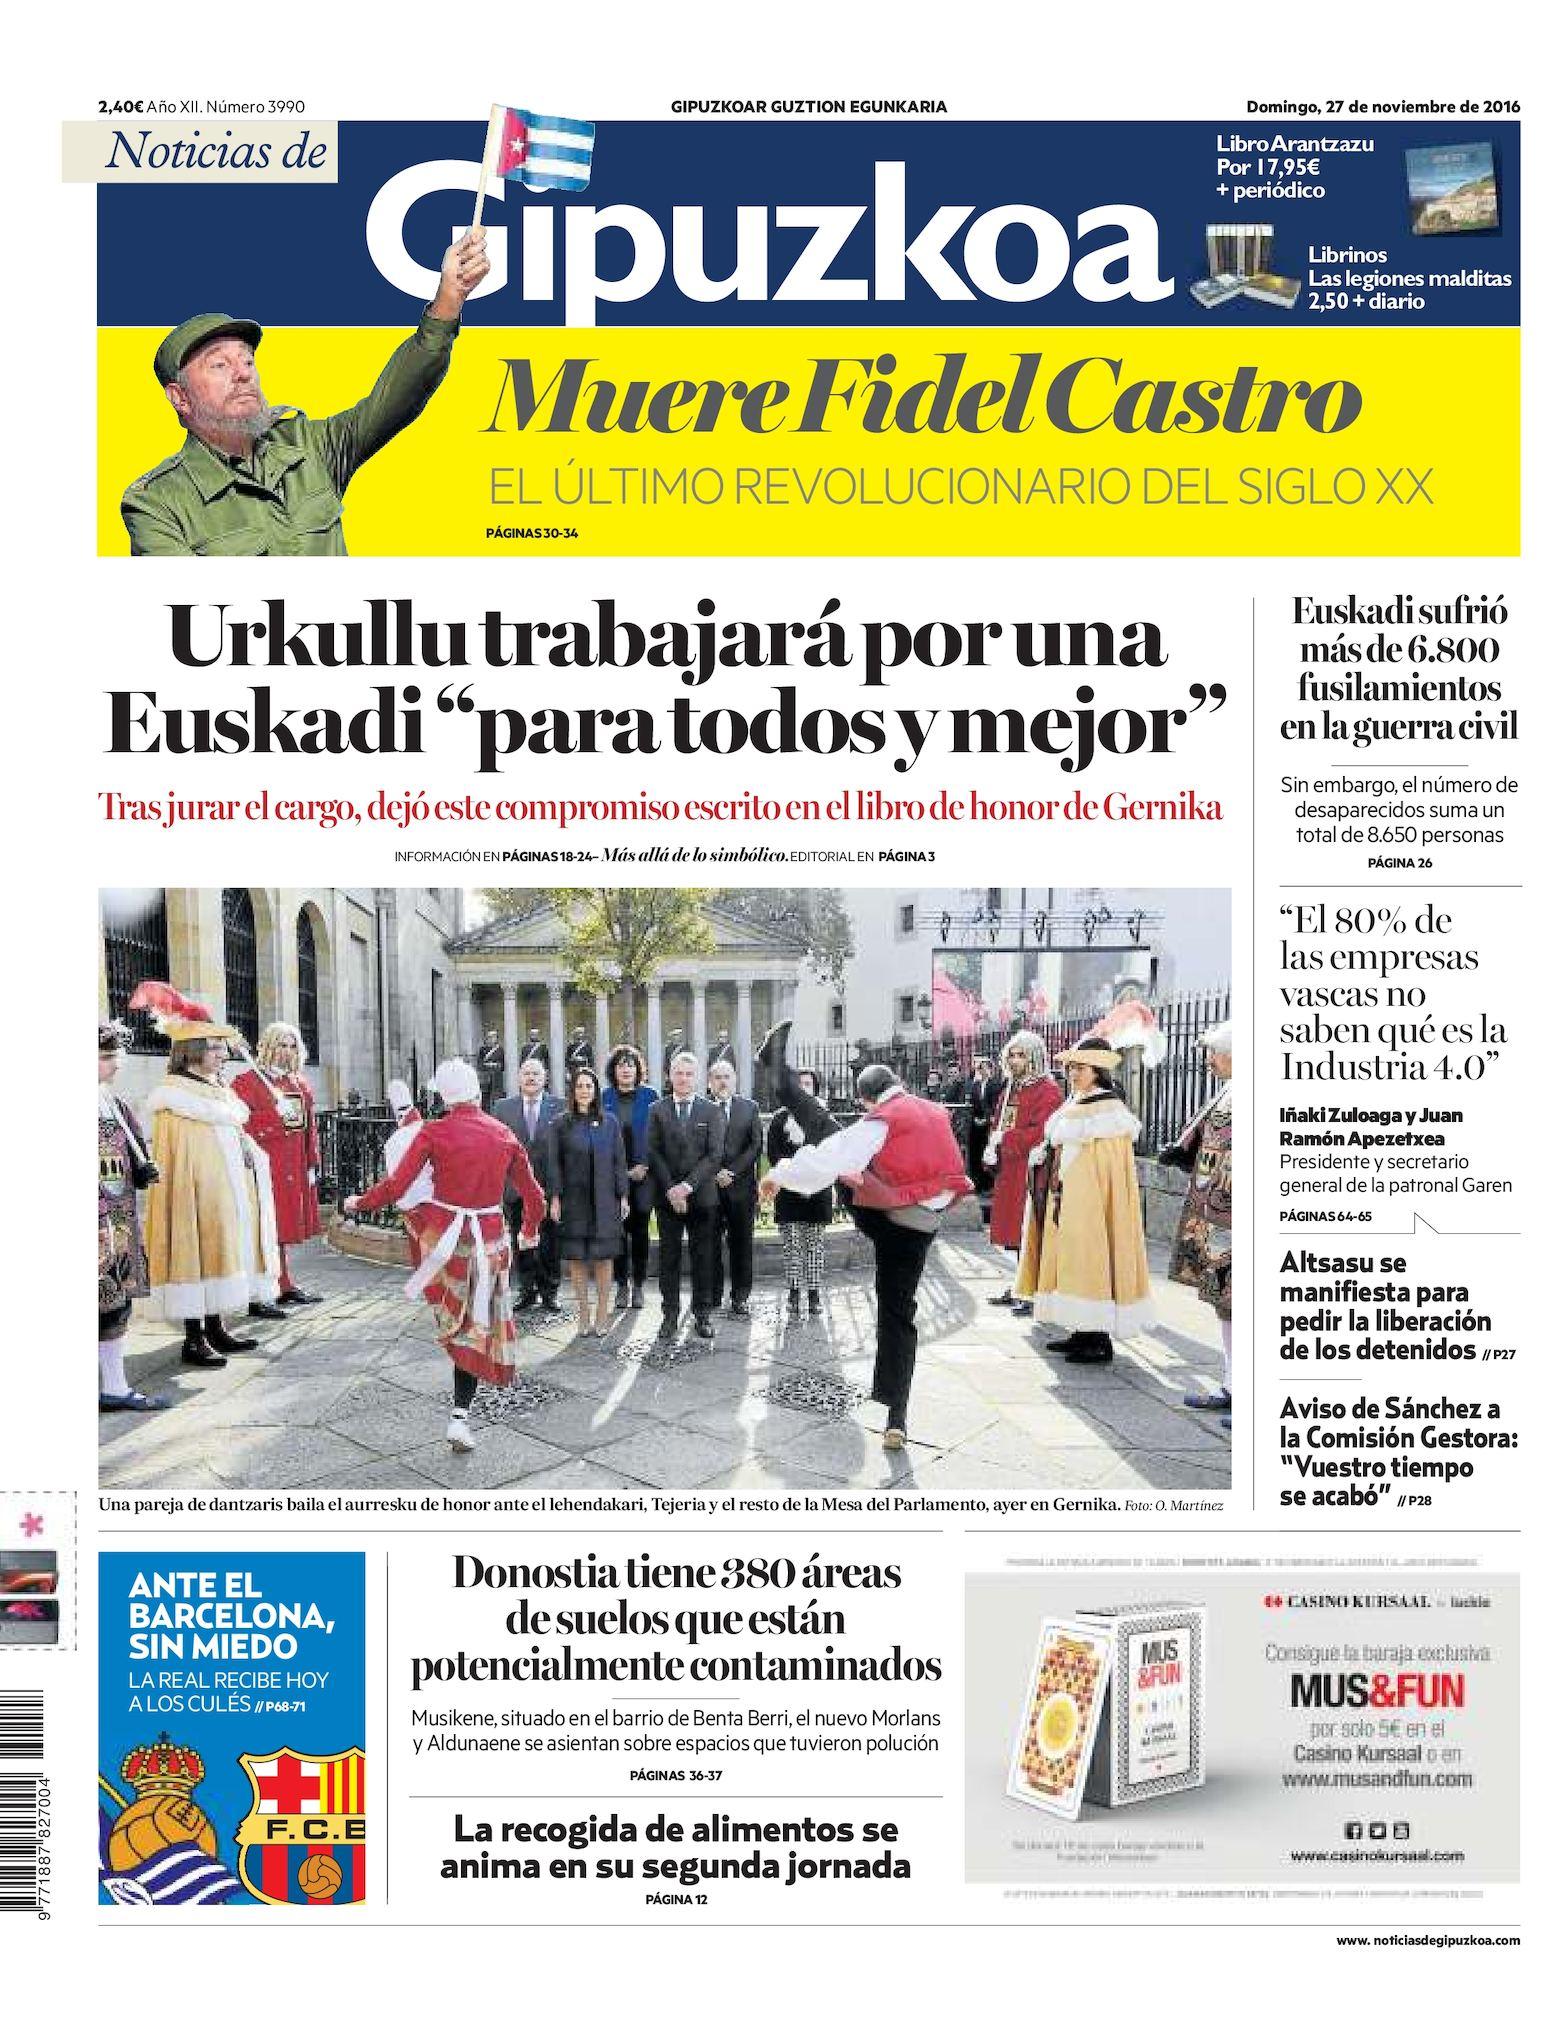 Calaméo - Noticias de Gipuzkoa 20161127 c9bea315d12e8